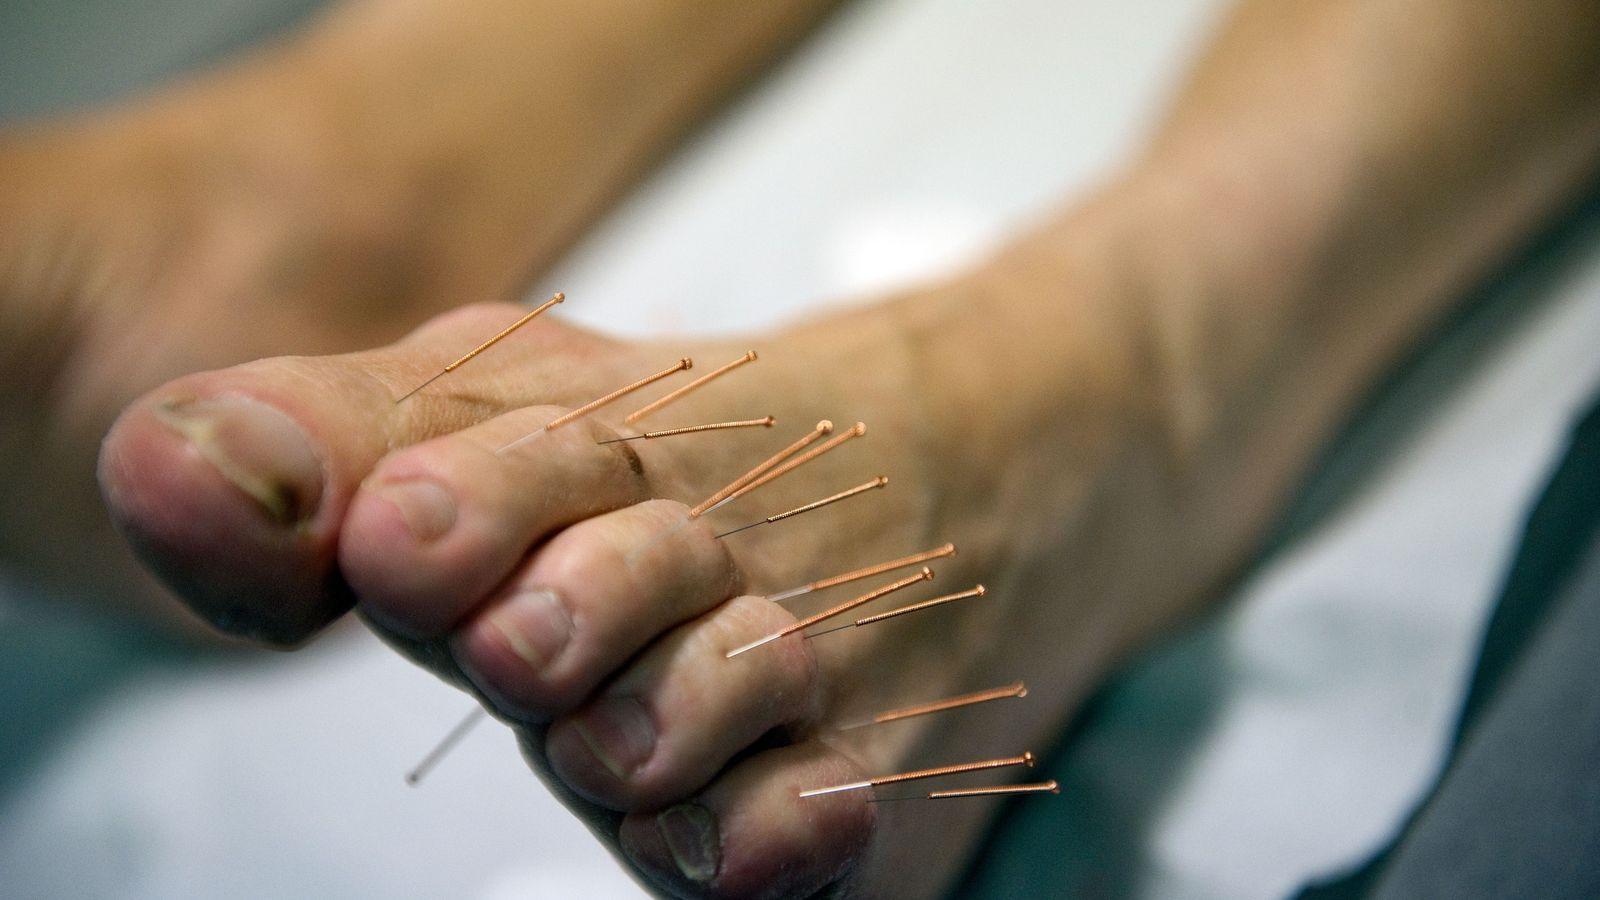 L'acupuncture est utilisée pour traiter les neuropathies entraînées par la chimiothérapie. Elles se caractérisent par des ...